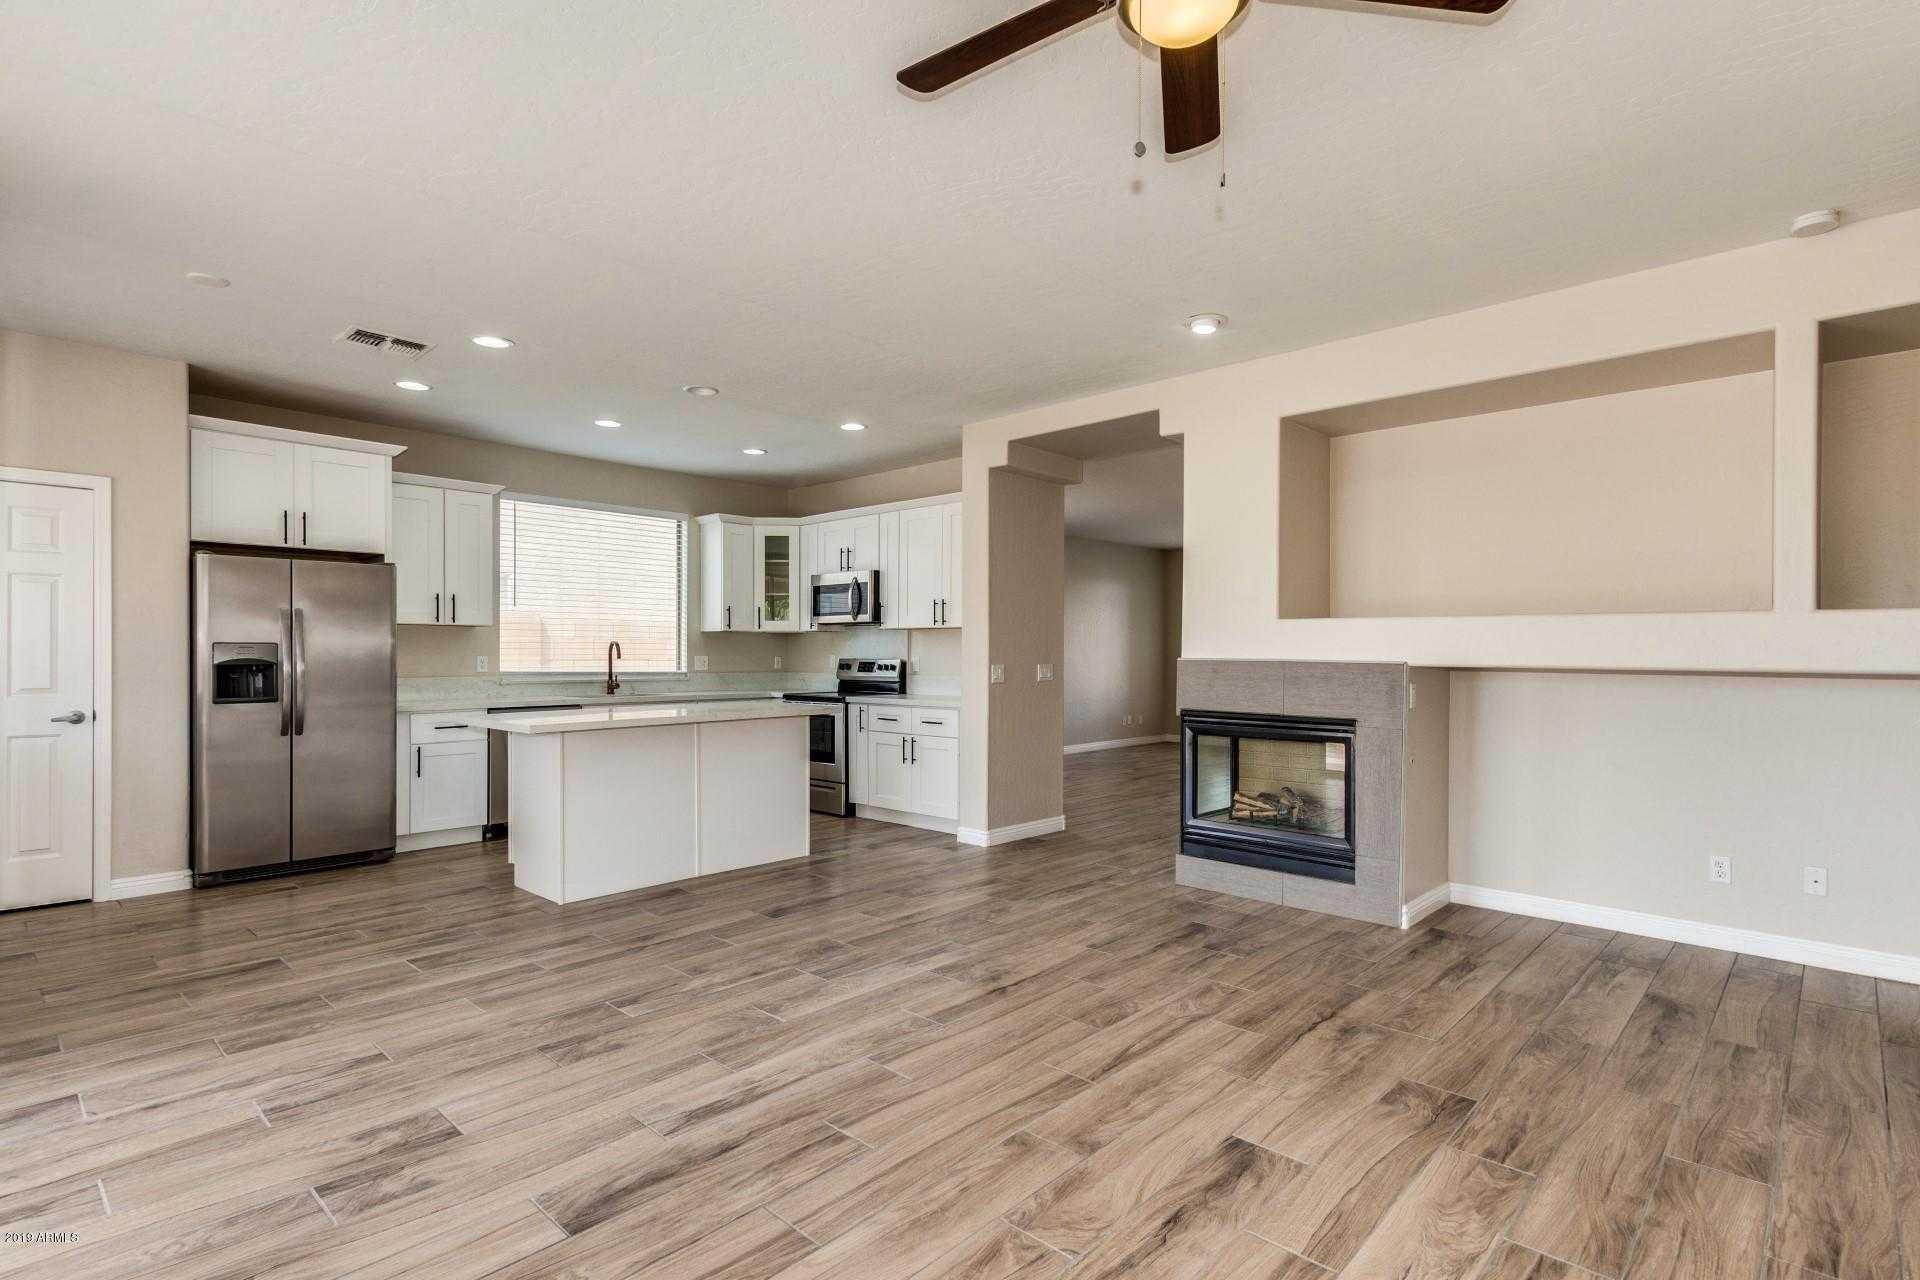 $259,900 - 3Br/2Ba - Home for Sale in Estrella Mountain Ranch, Goodyear